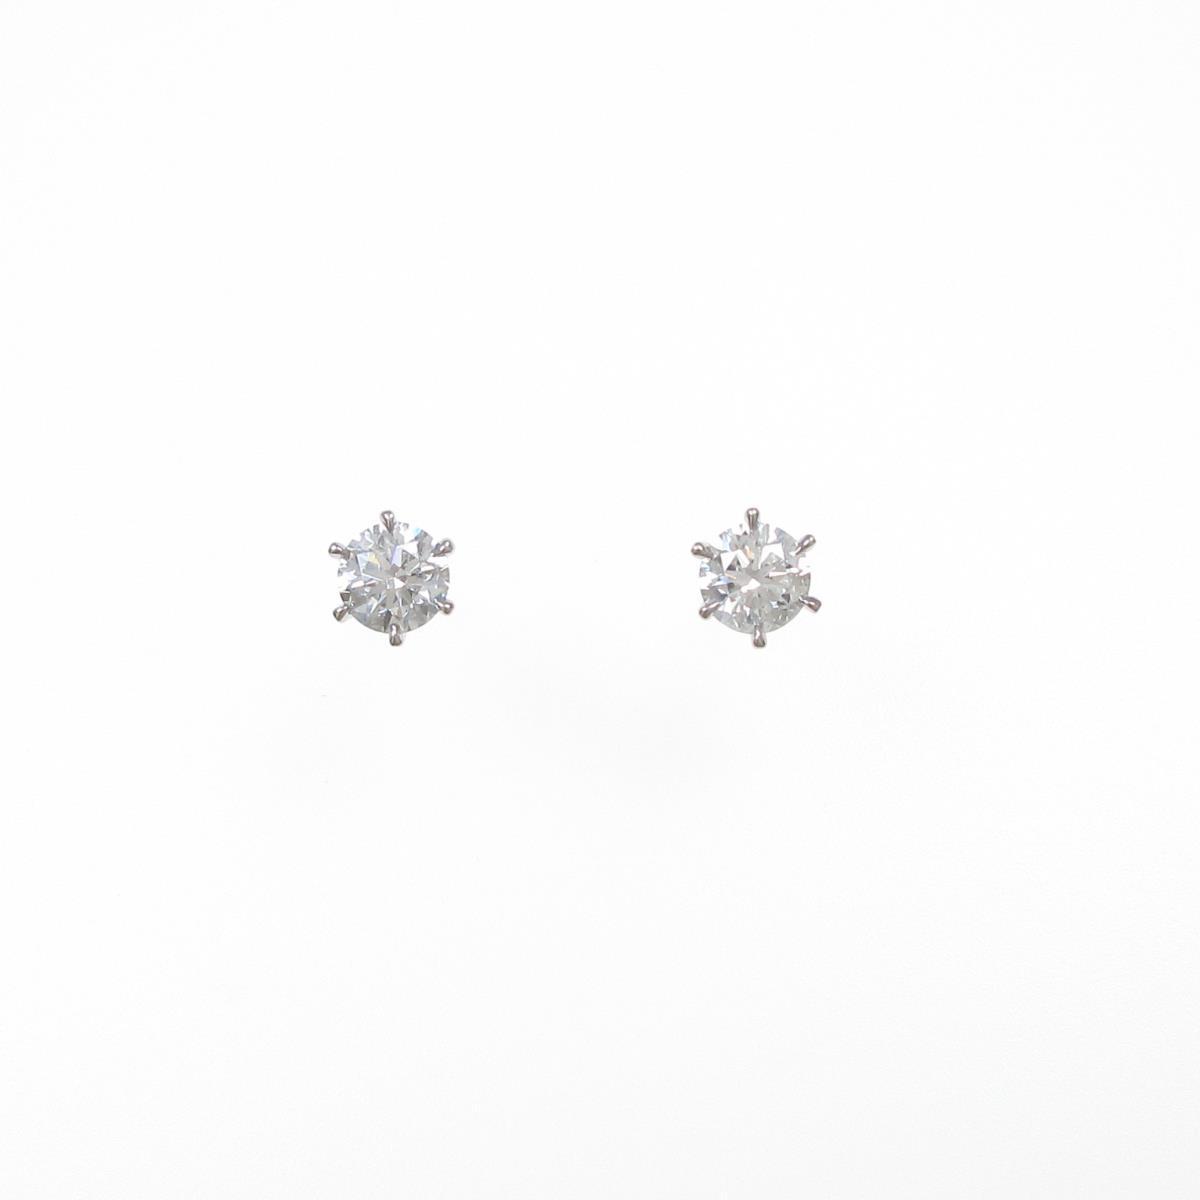 【新品】プラチナダイヤモンドピアス 0.402ct・0.402ct・G・SI2・VG【新品】